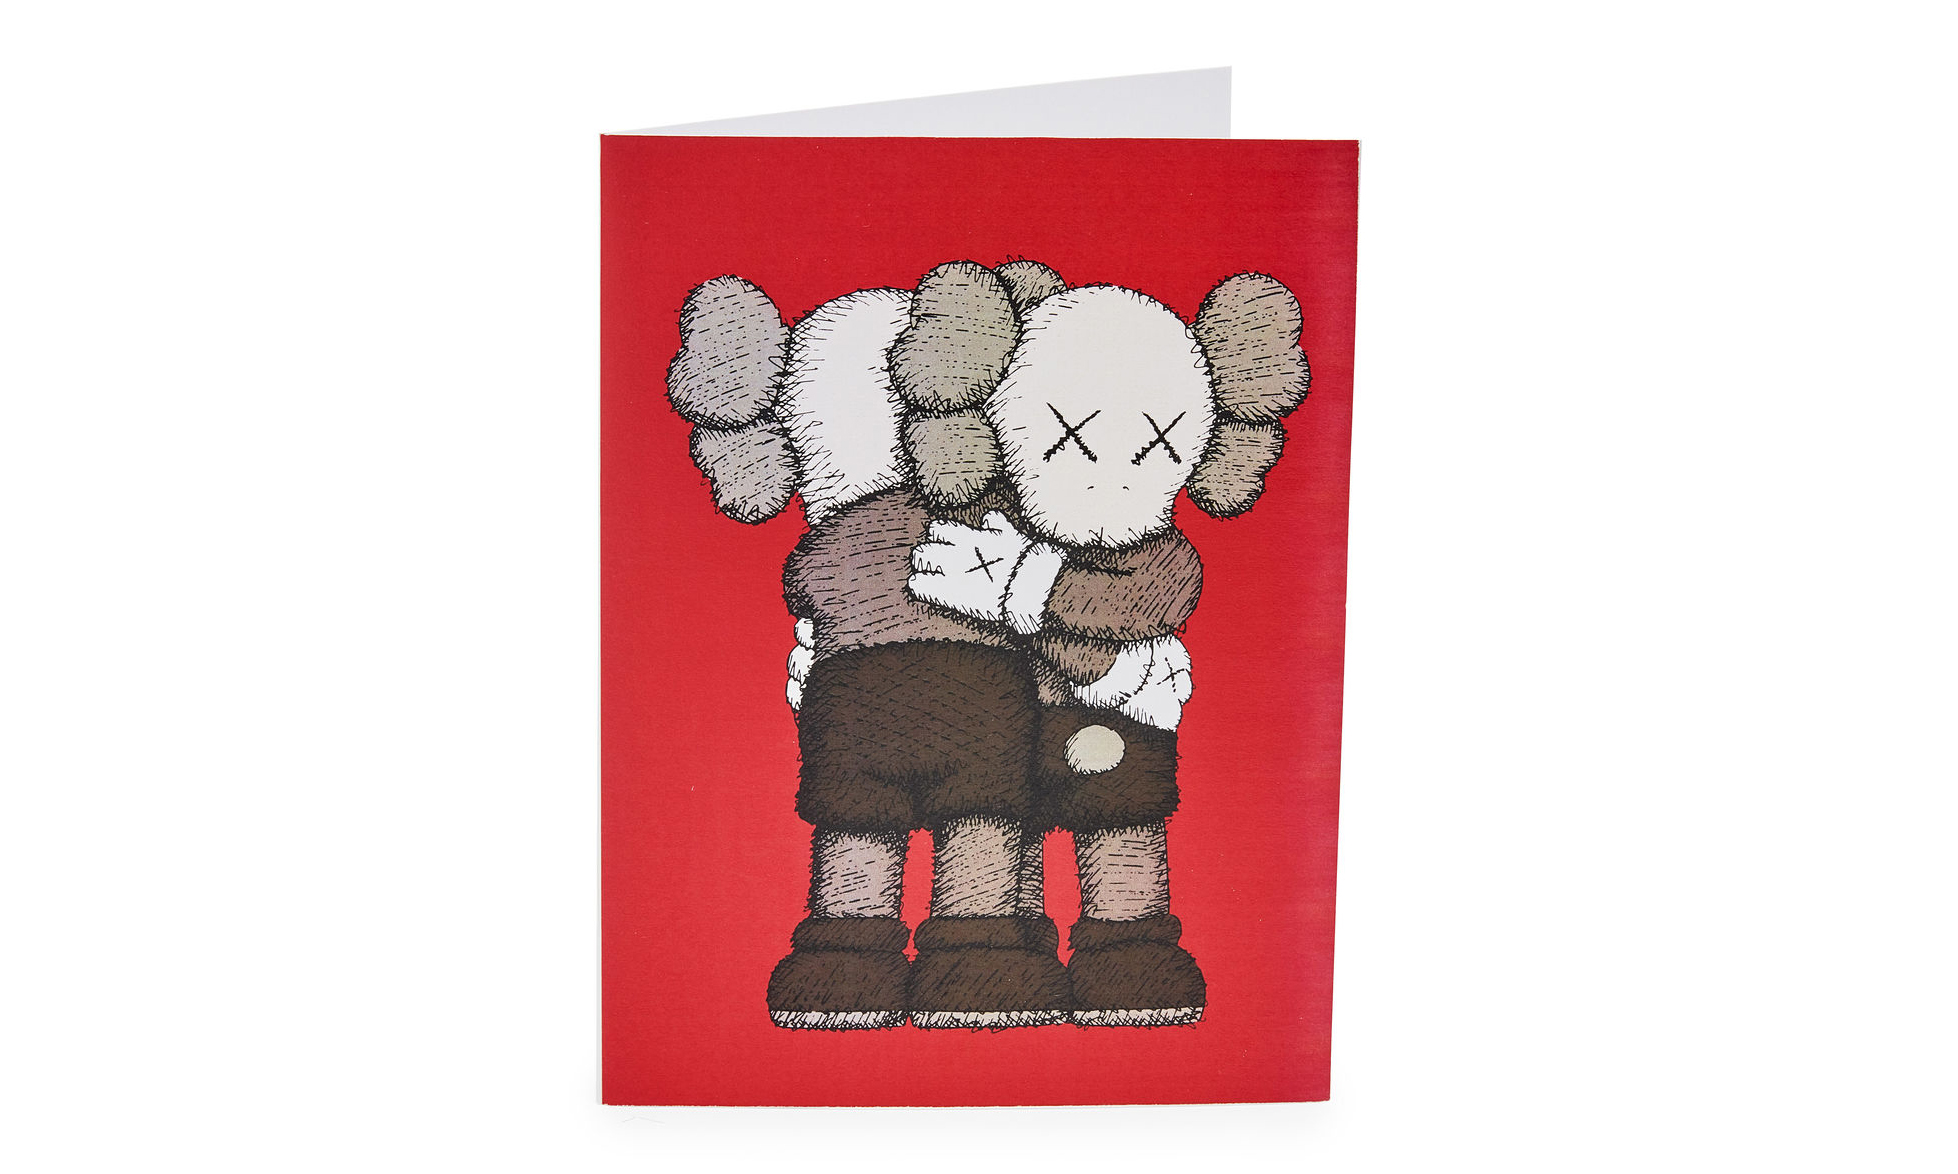 MoMA 携手 KAWS 等艺术家带来假日贺卡套装